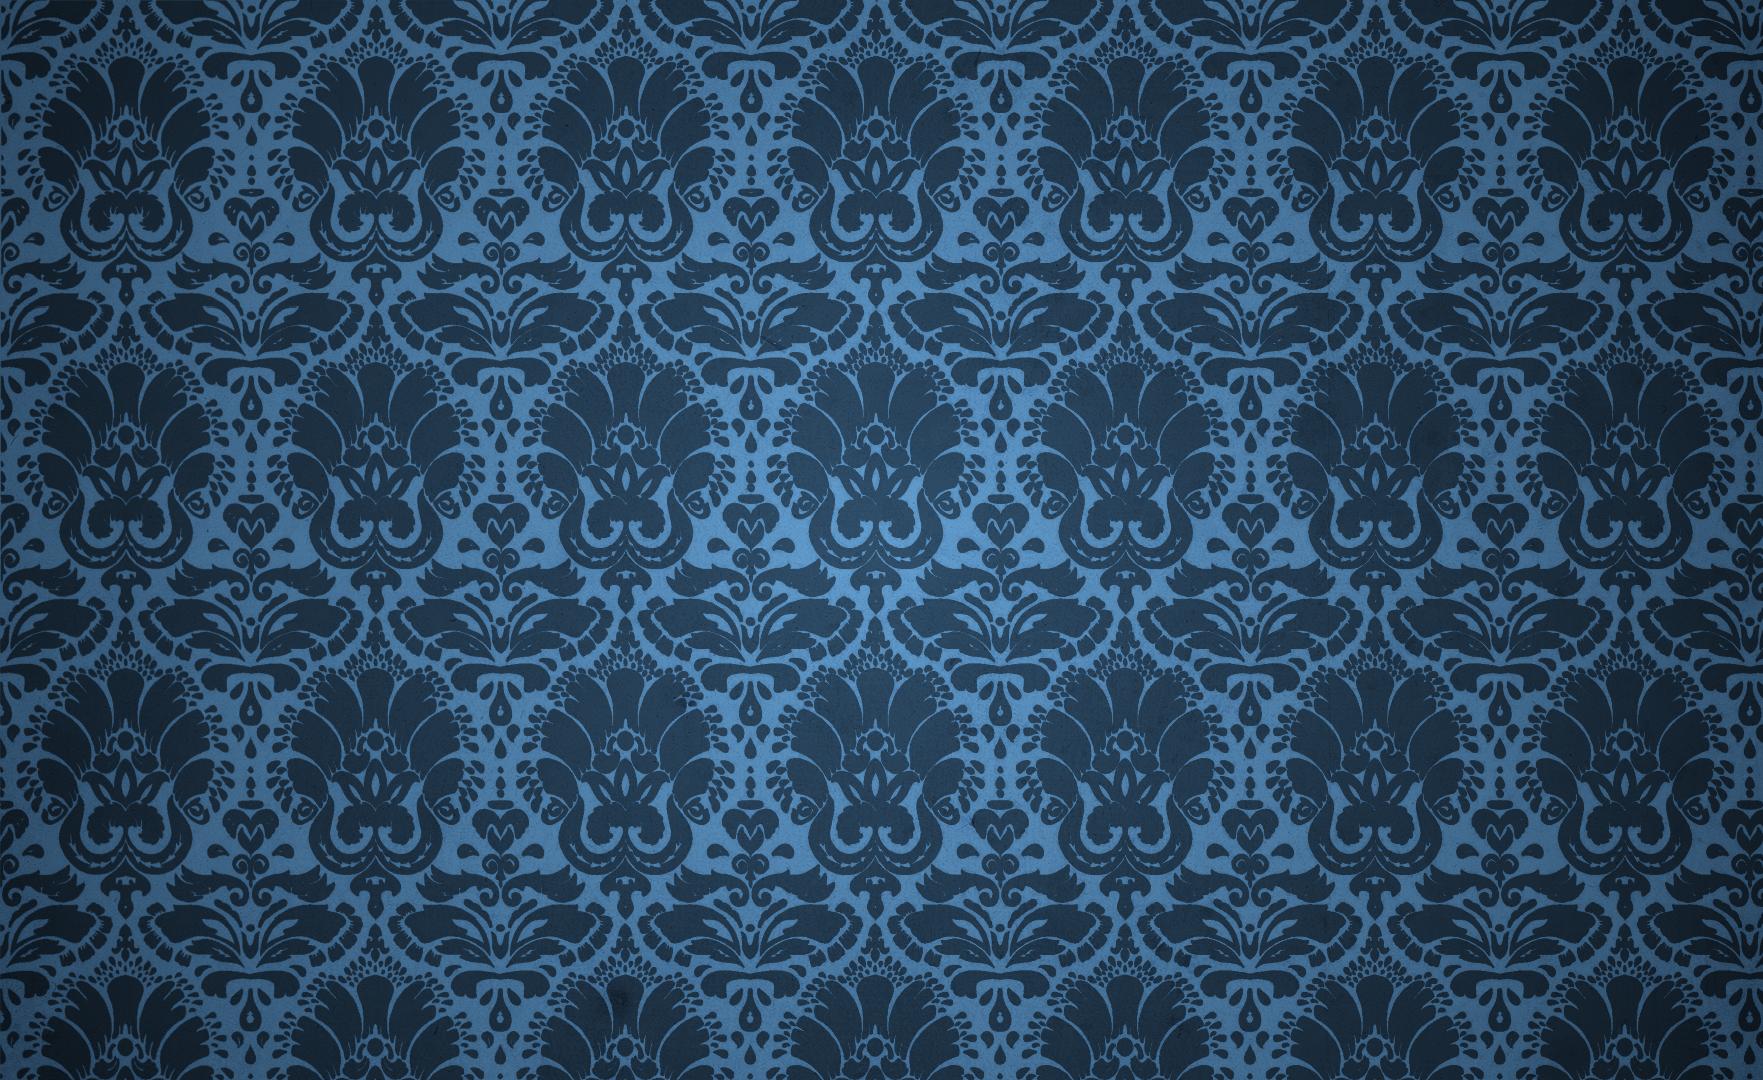 wall wallpaper by ktostam25 customization wallpaper vexel 2012 2014 1763x1080